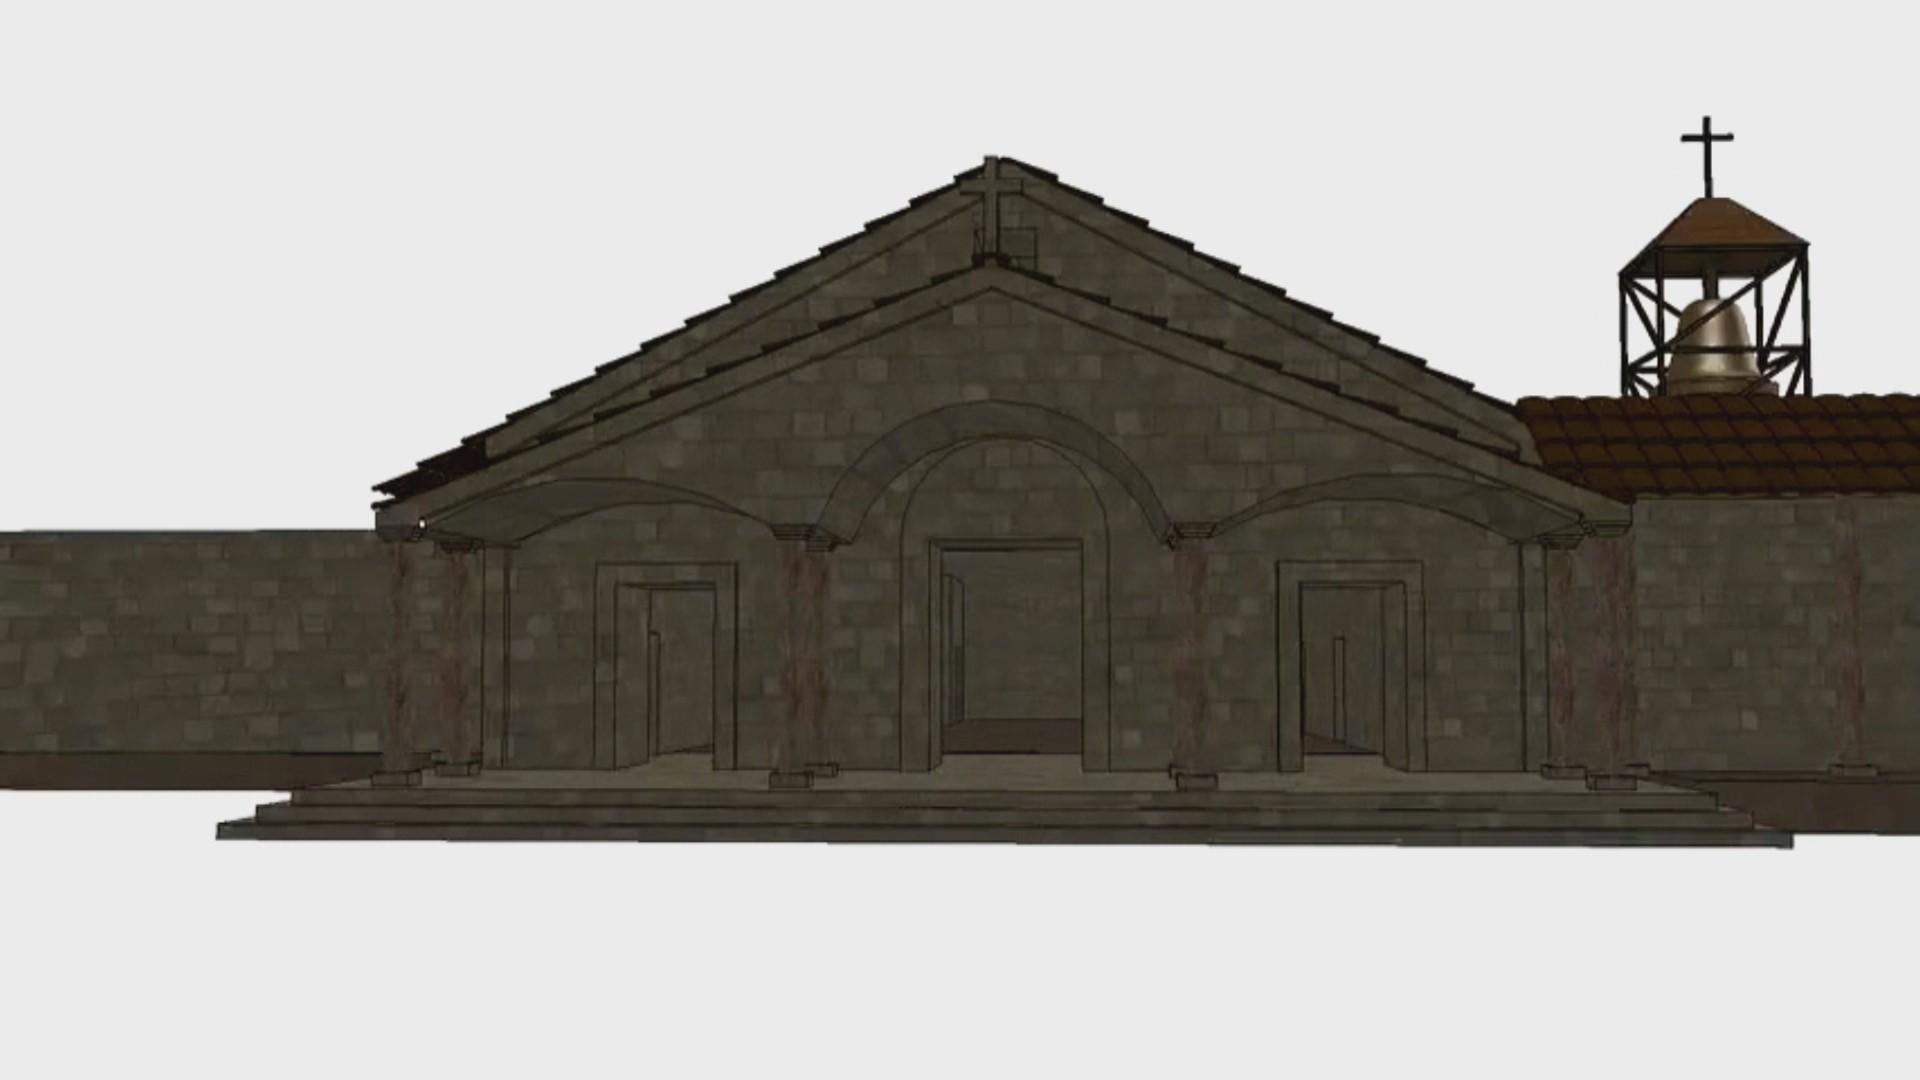 Prefeitura desobedece ordem judicial e constrói prédio em área de sítio arqueológico em São Borja